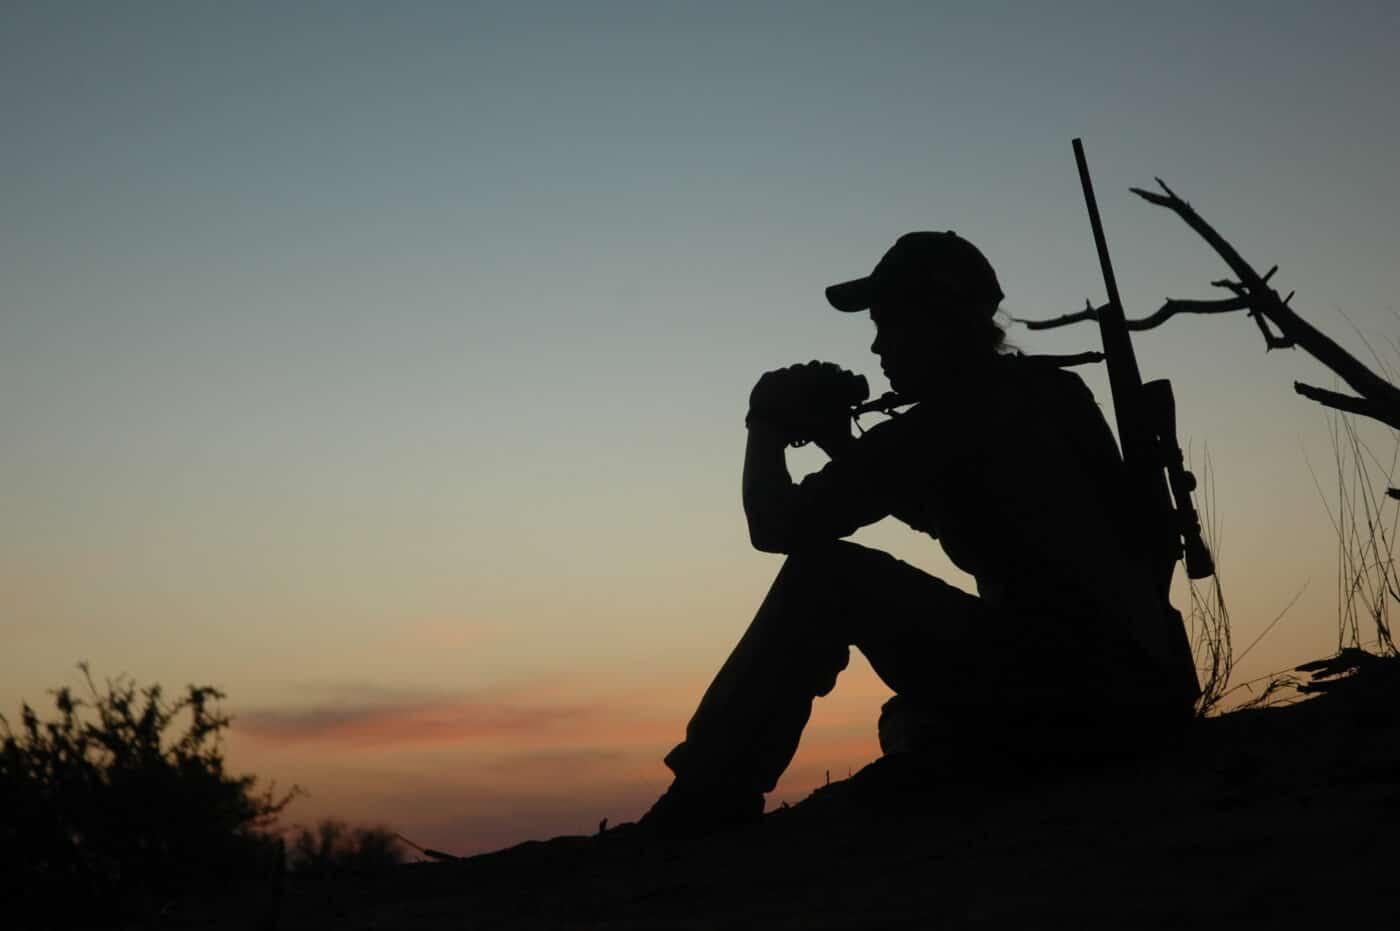 Image of woman hunting at dusk